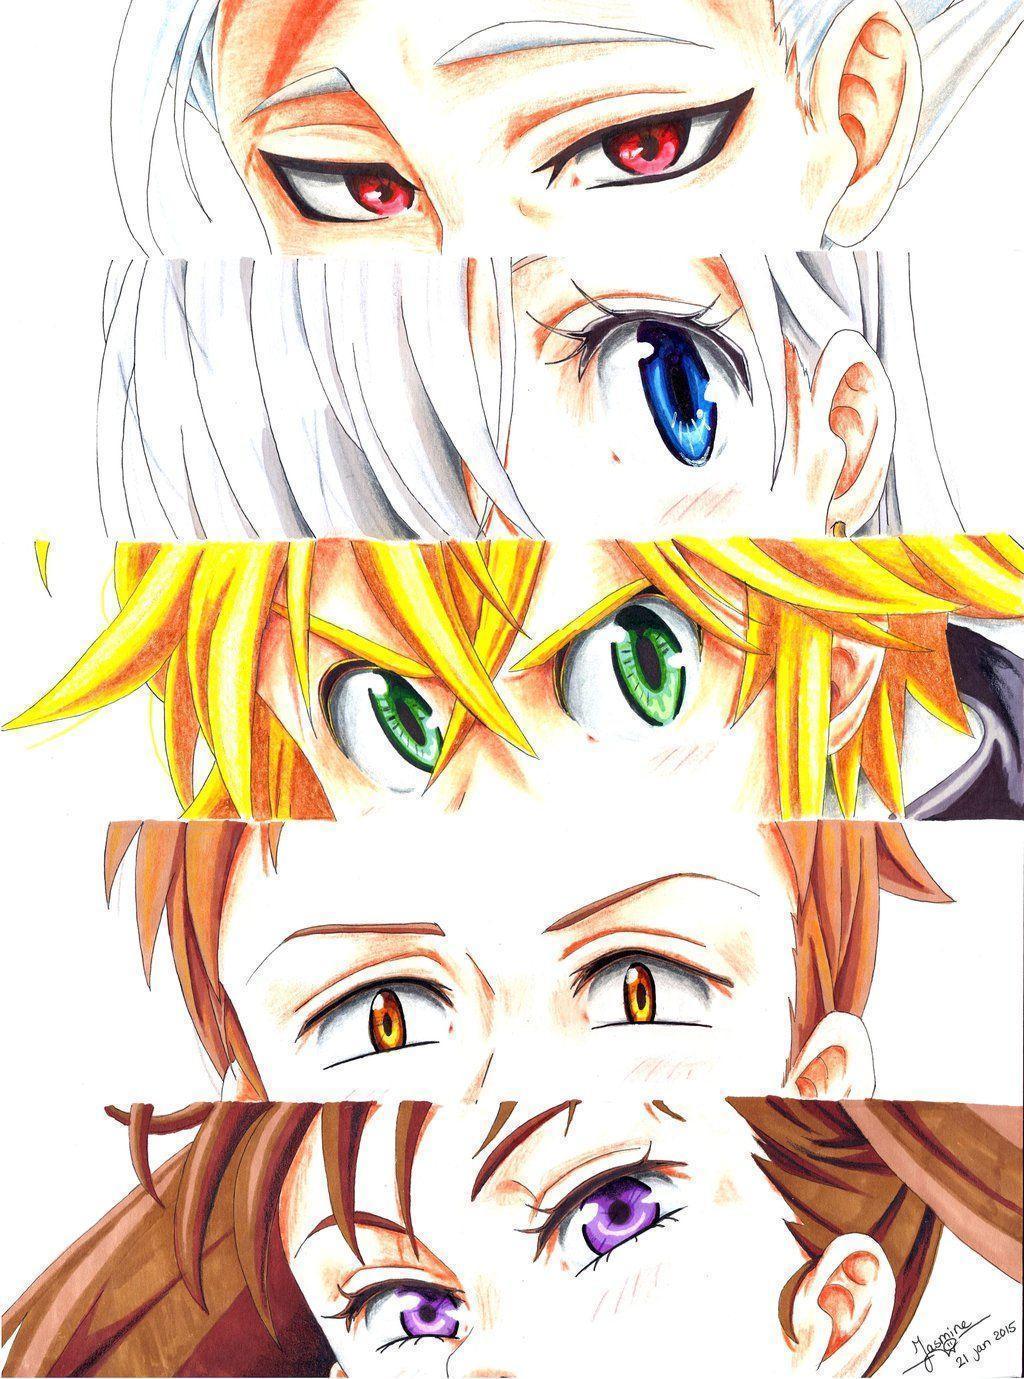 DeviantArt: More Like Nanatsu no taizai - Wallpaper 2 The Deadly 7 ...